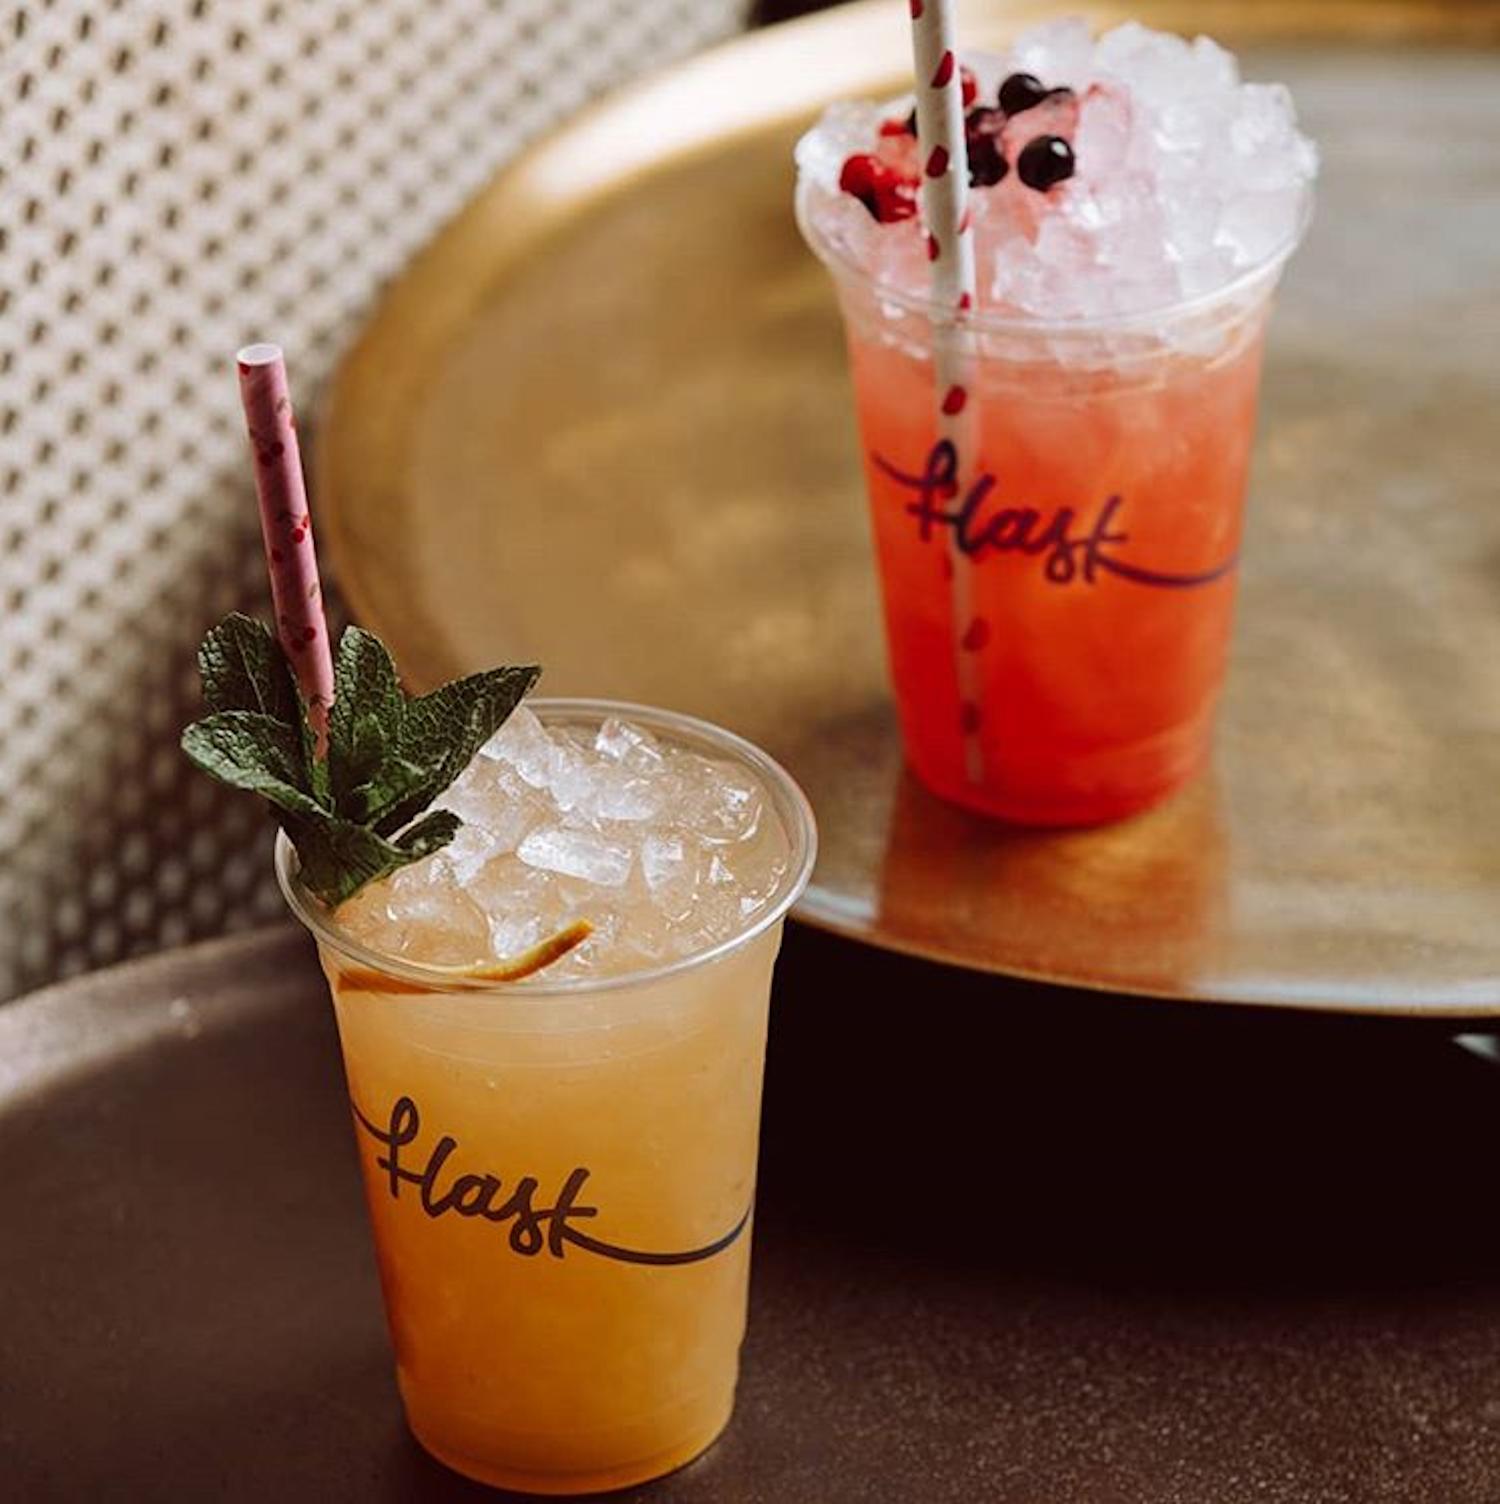 Φωτογραφία: Flask Cocktails, Απολαύστε το κοκτέιλ σας με ντελίβερι!